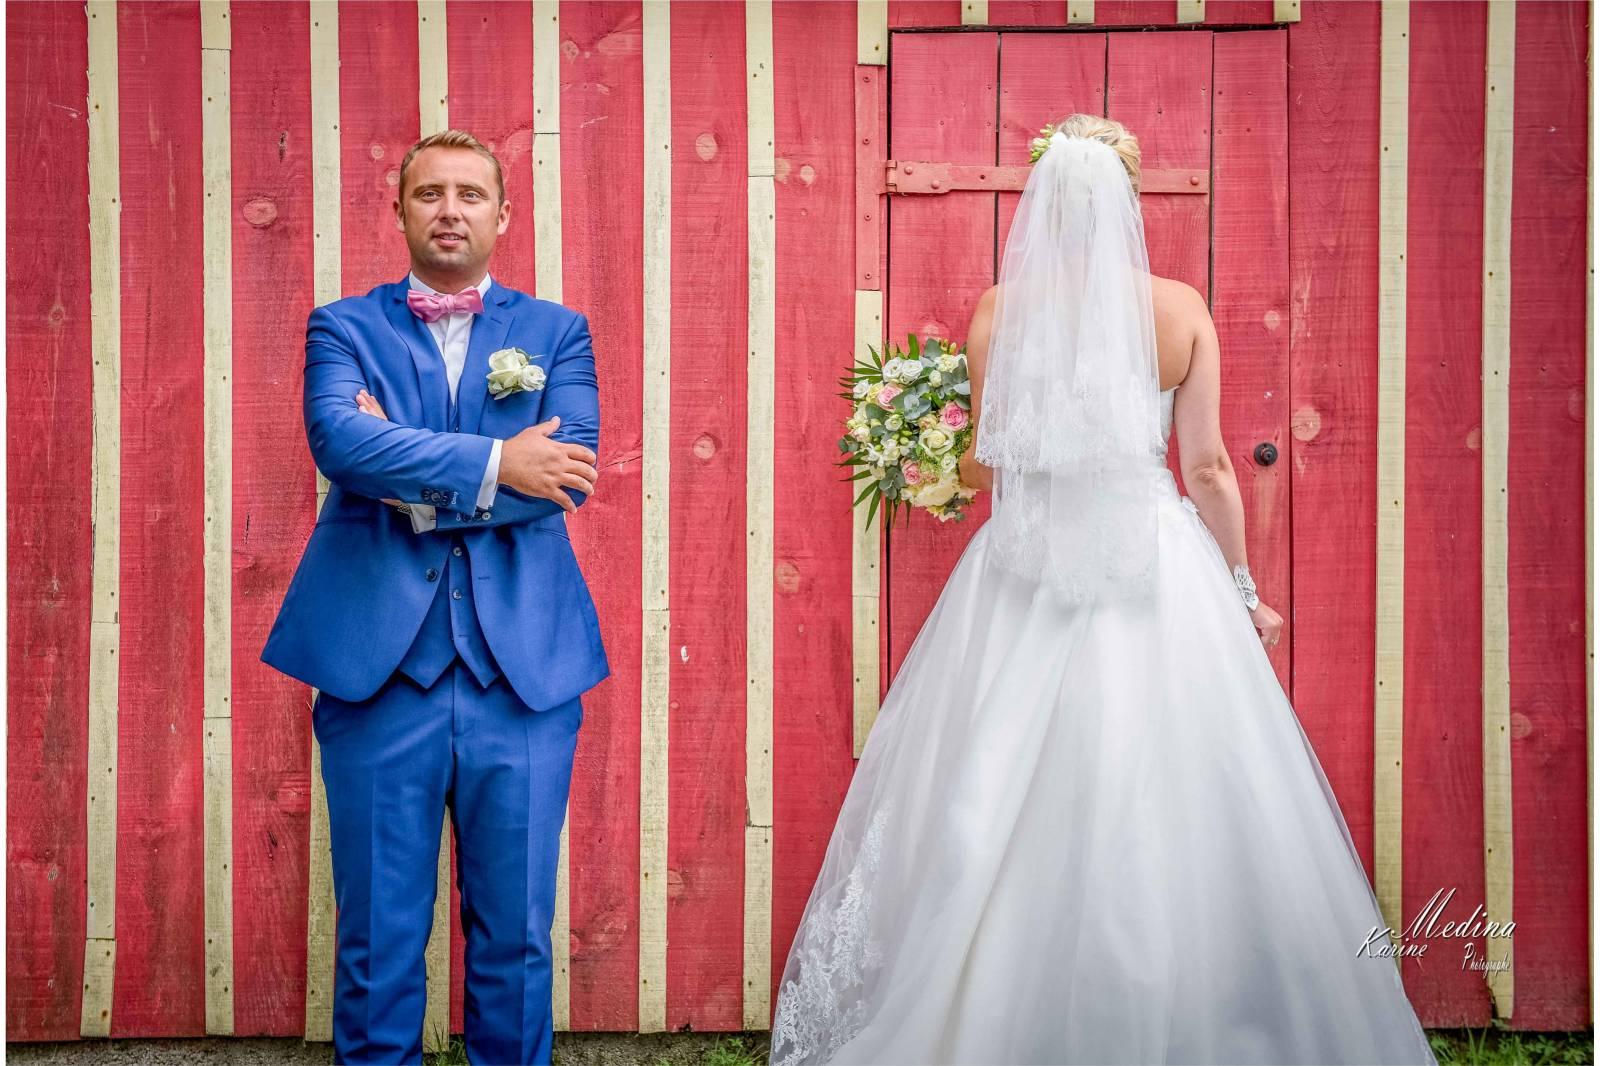 organisateur de mariage pas cher sur bordeaux centre proche bordeaux bastide wedding planner. Black Bedroom Furniture Sets. Home Design Ideas